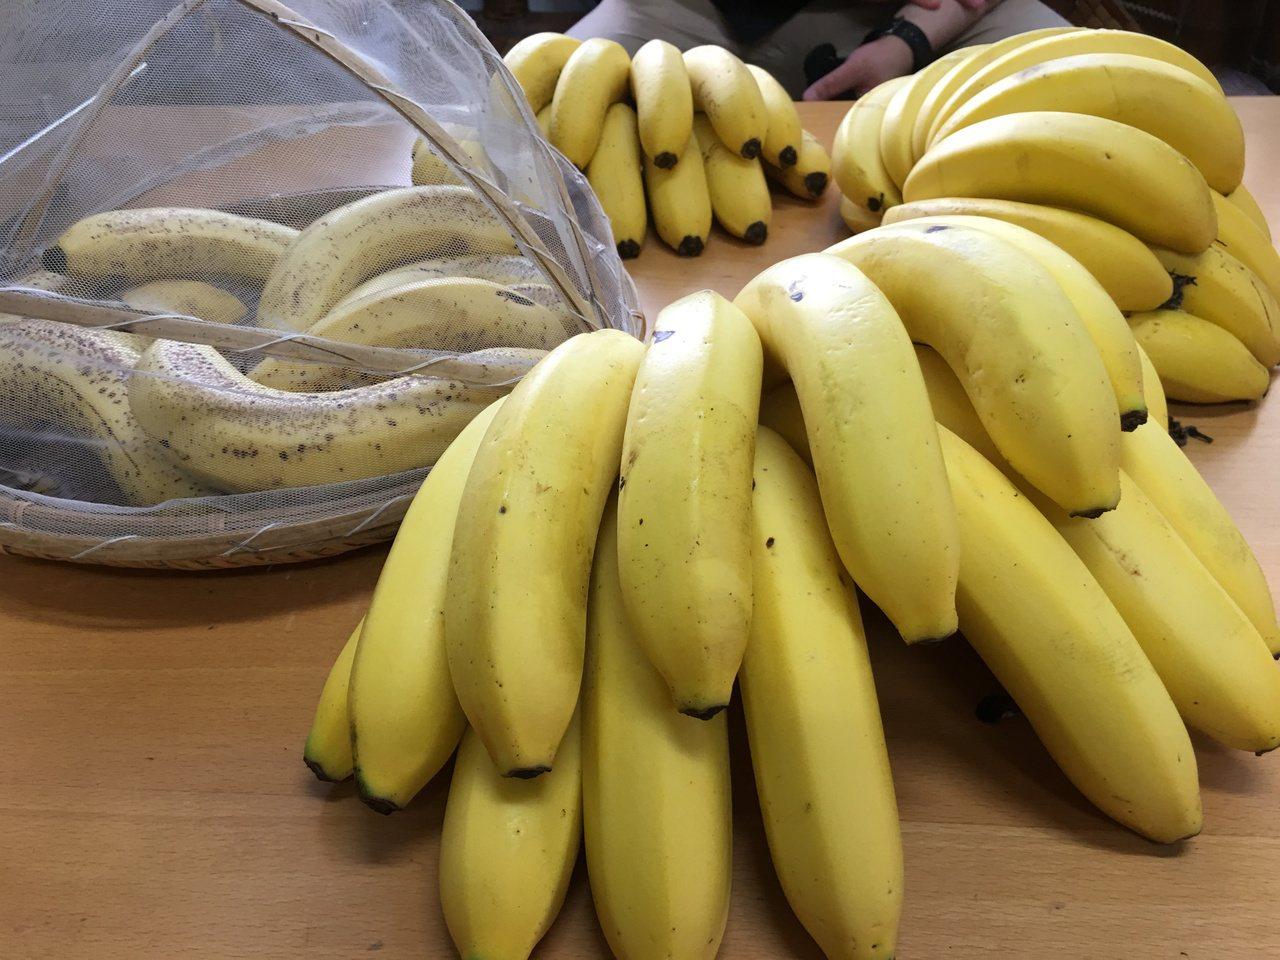 行政院農委會試辦香蕉收入保險,雲林縣林內、莿桐、虎尾三鄉鎮納入試辦地區,除農委會...